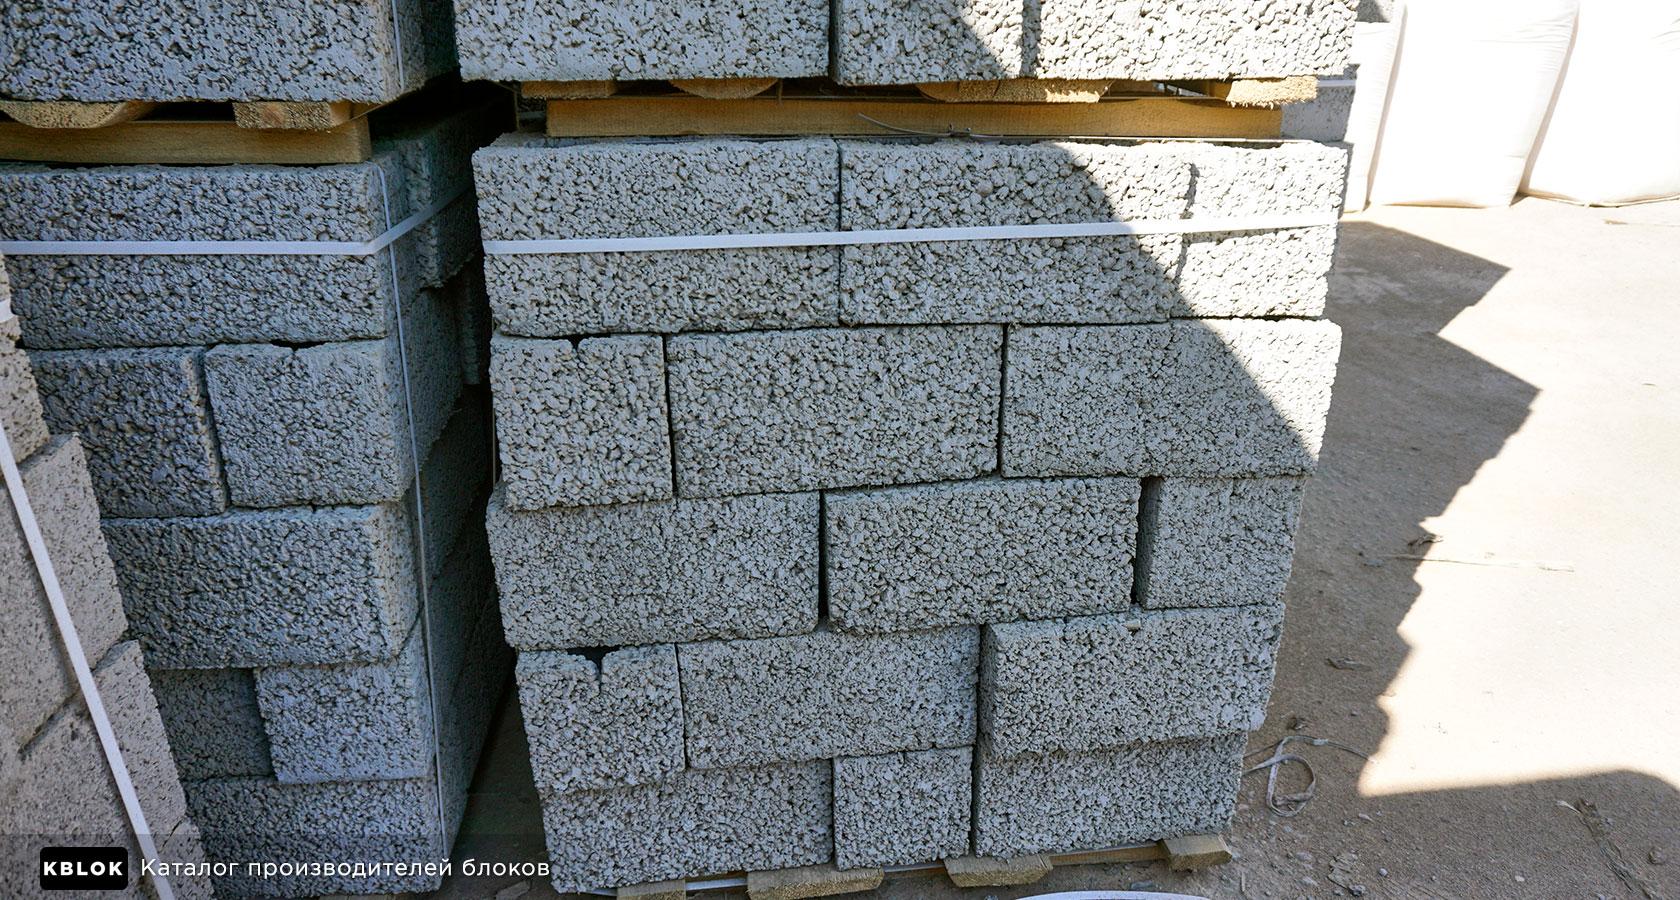 полипропиленовая лента на поддонах с блоками